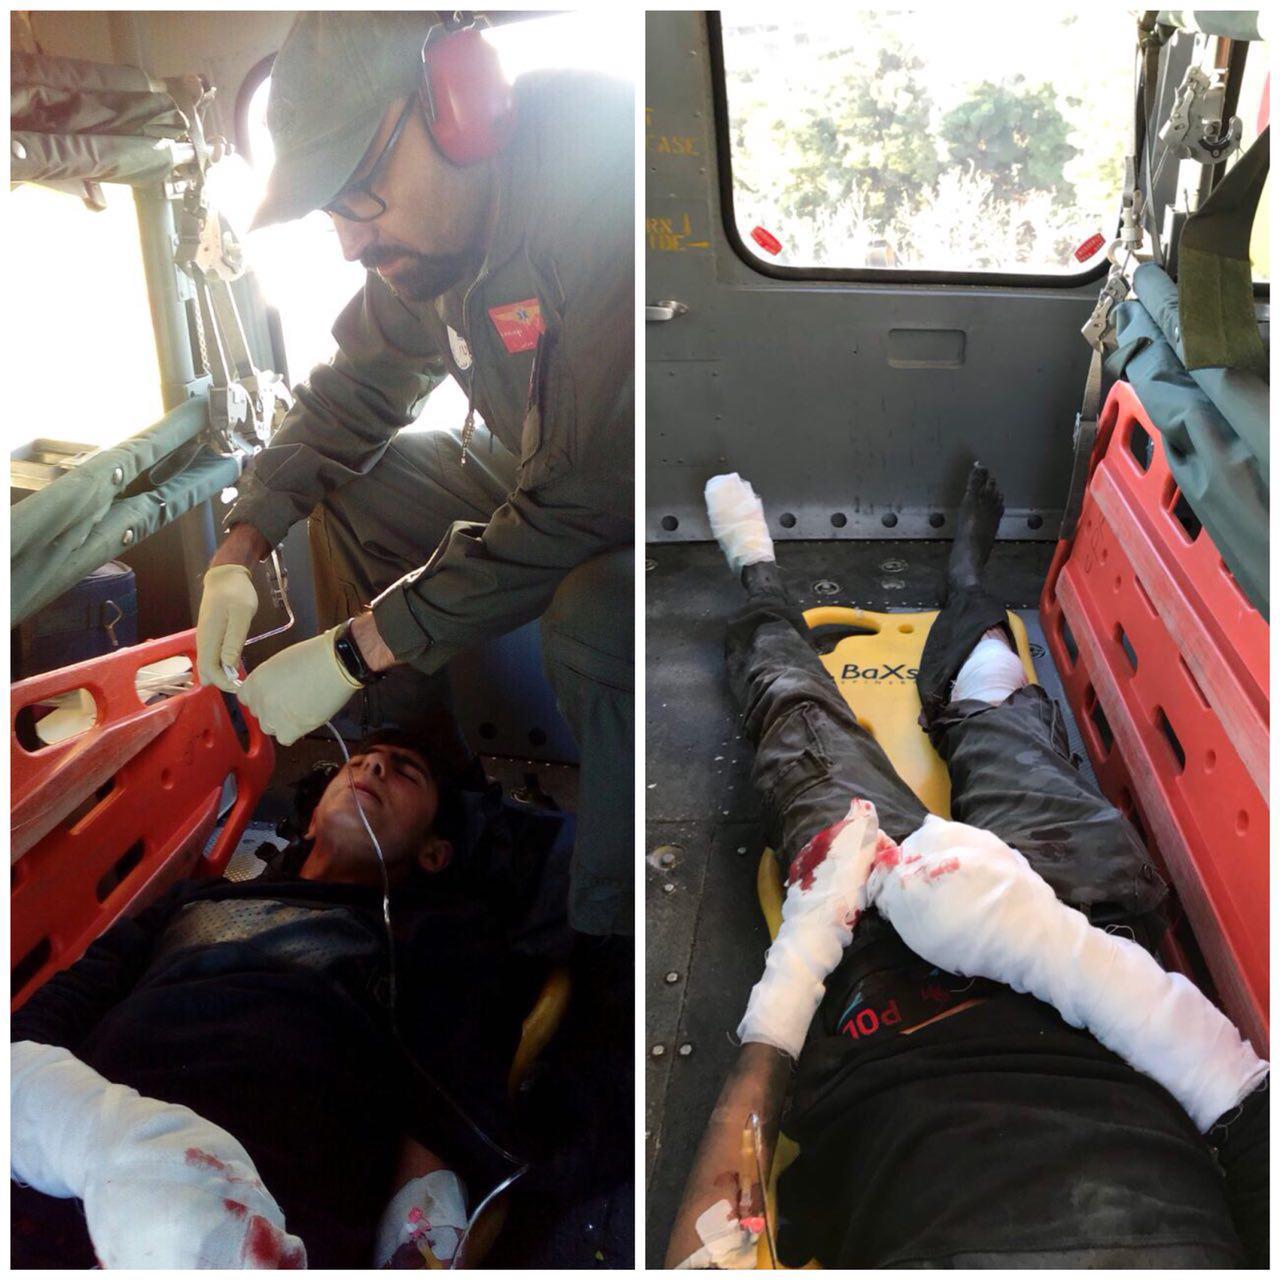 آخرین آمار از قربانیان چهارشنبه سوری/ تاکنون 2 فوتی داشتیم